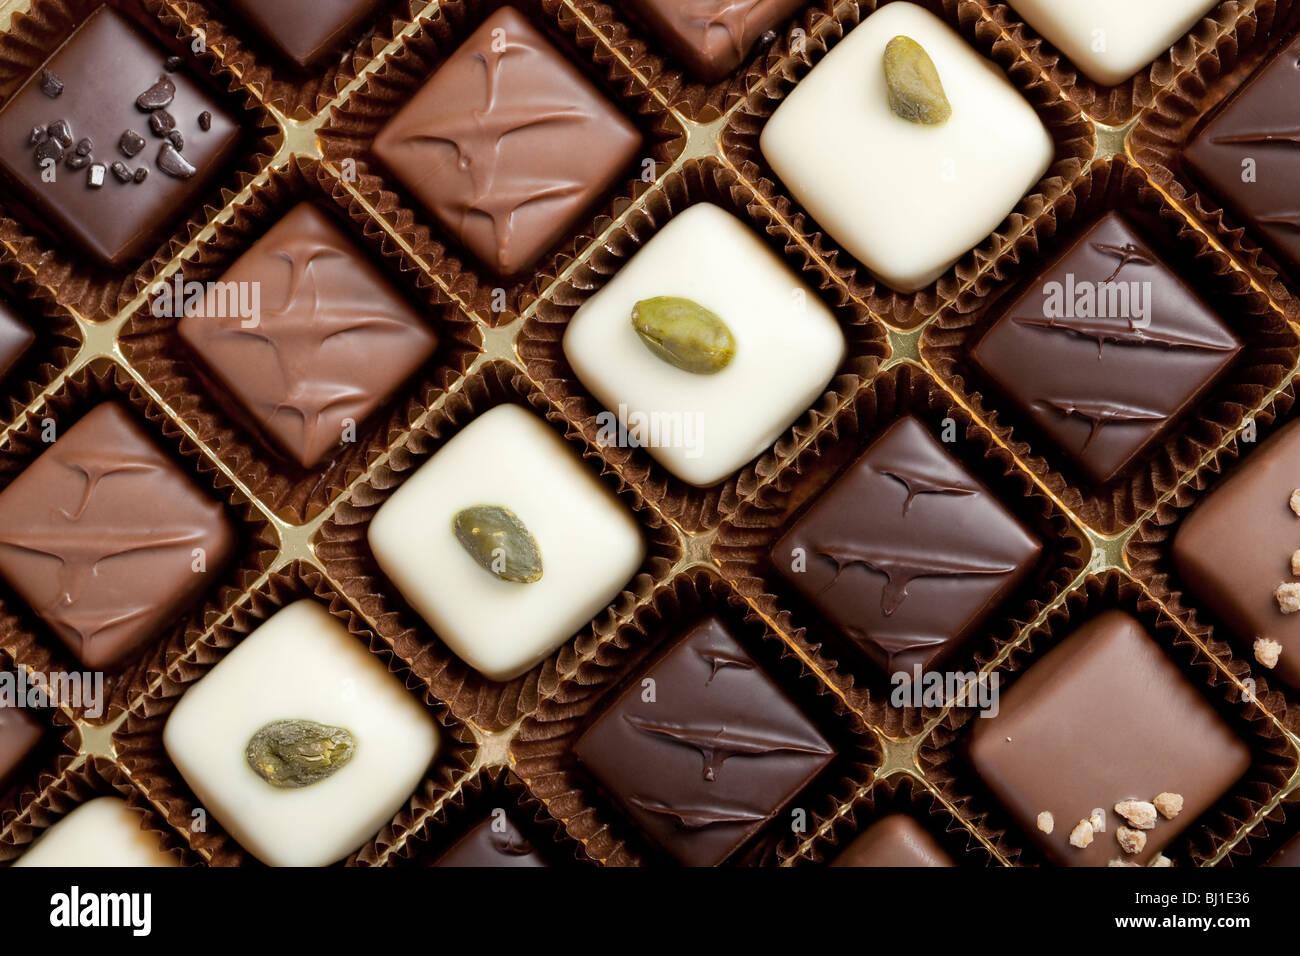 Handmade luxury chocolate in a box - shot in studio Stock Photo